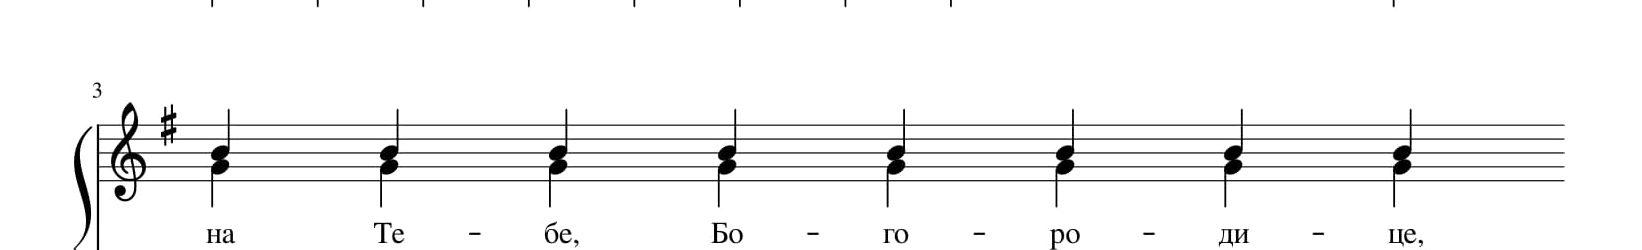 Задостойник Преполовения Пятидесятницы. 6 глас, болгарский распев